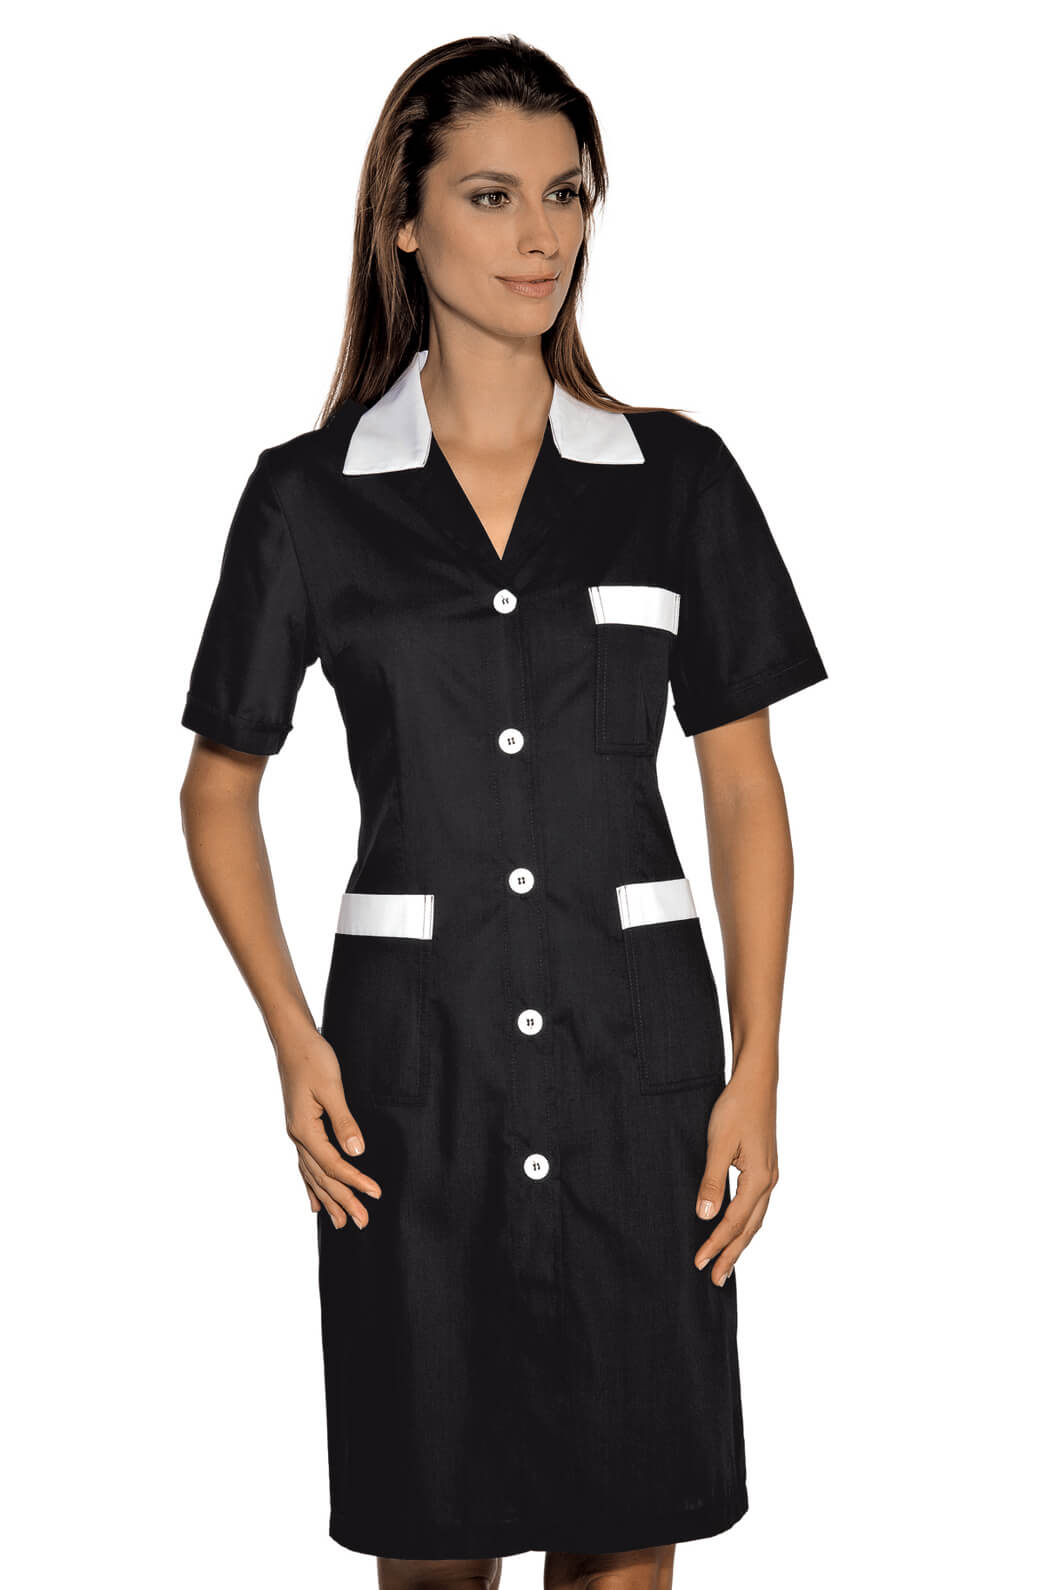 blouse de travail manches courtes positano noir blanc. Black Bedroom Furniture Sets. Home Design Ideas